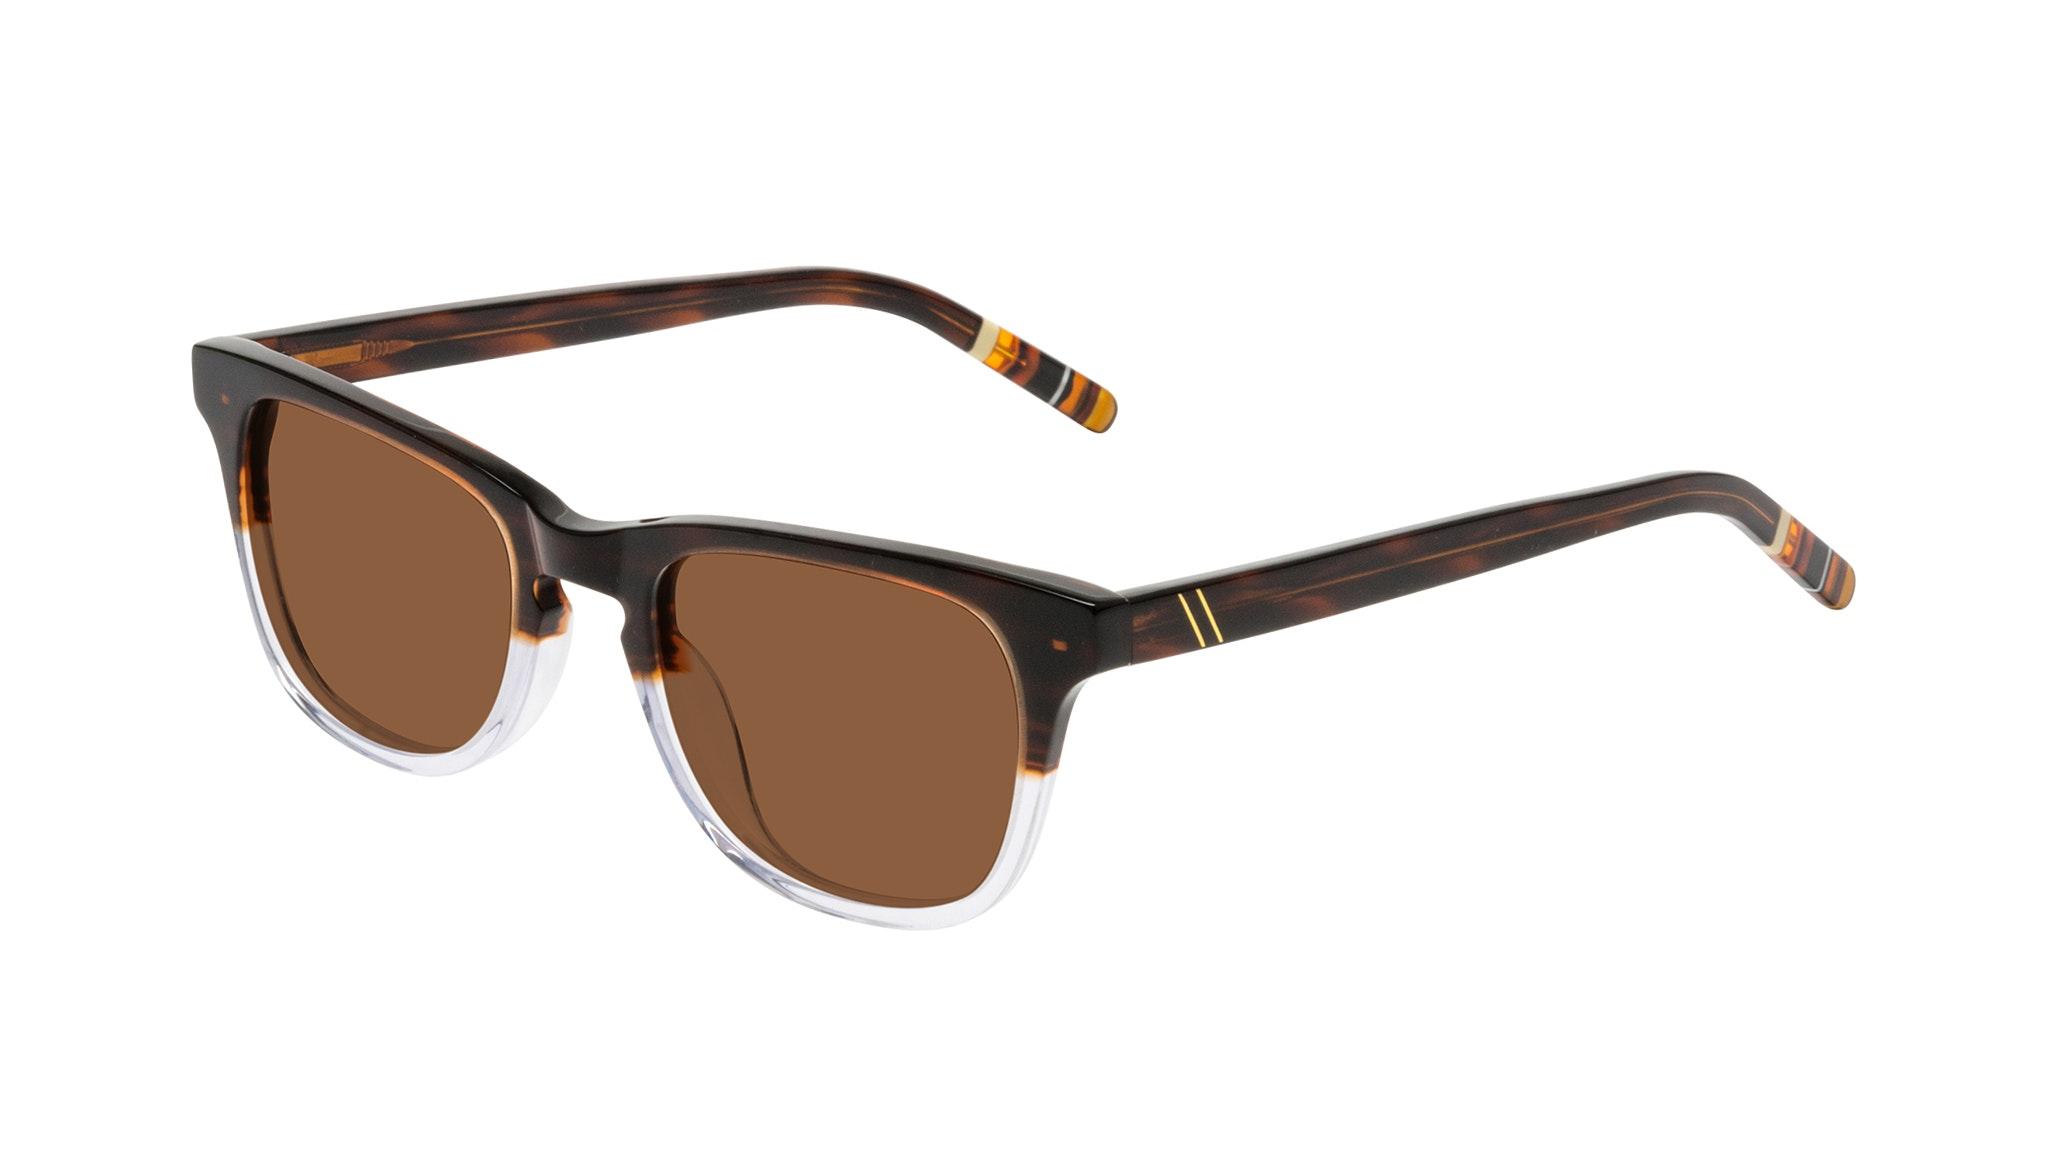 Affordable Fashion Glasses Rectangle Sunglasses Men Trust Bark Tilt